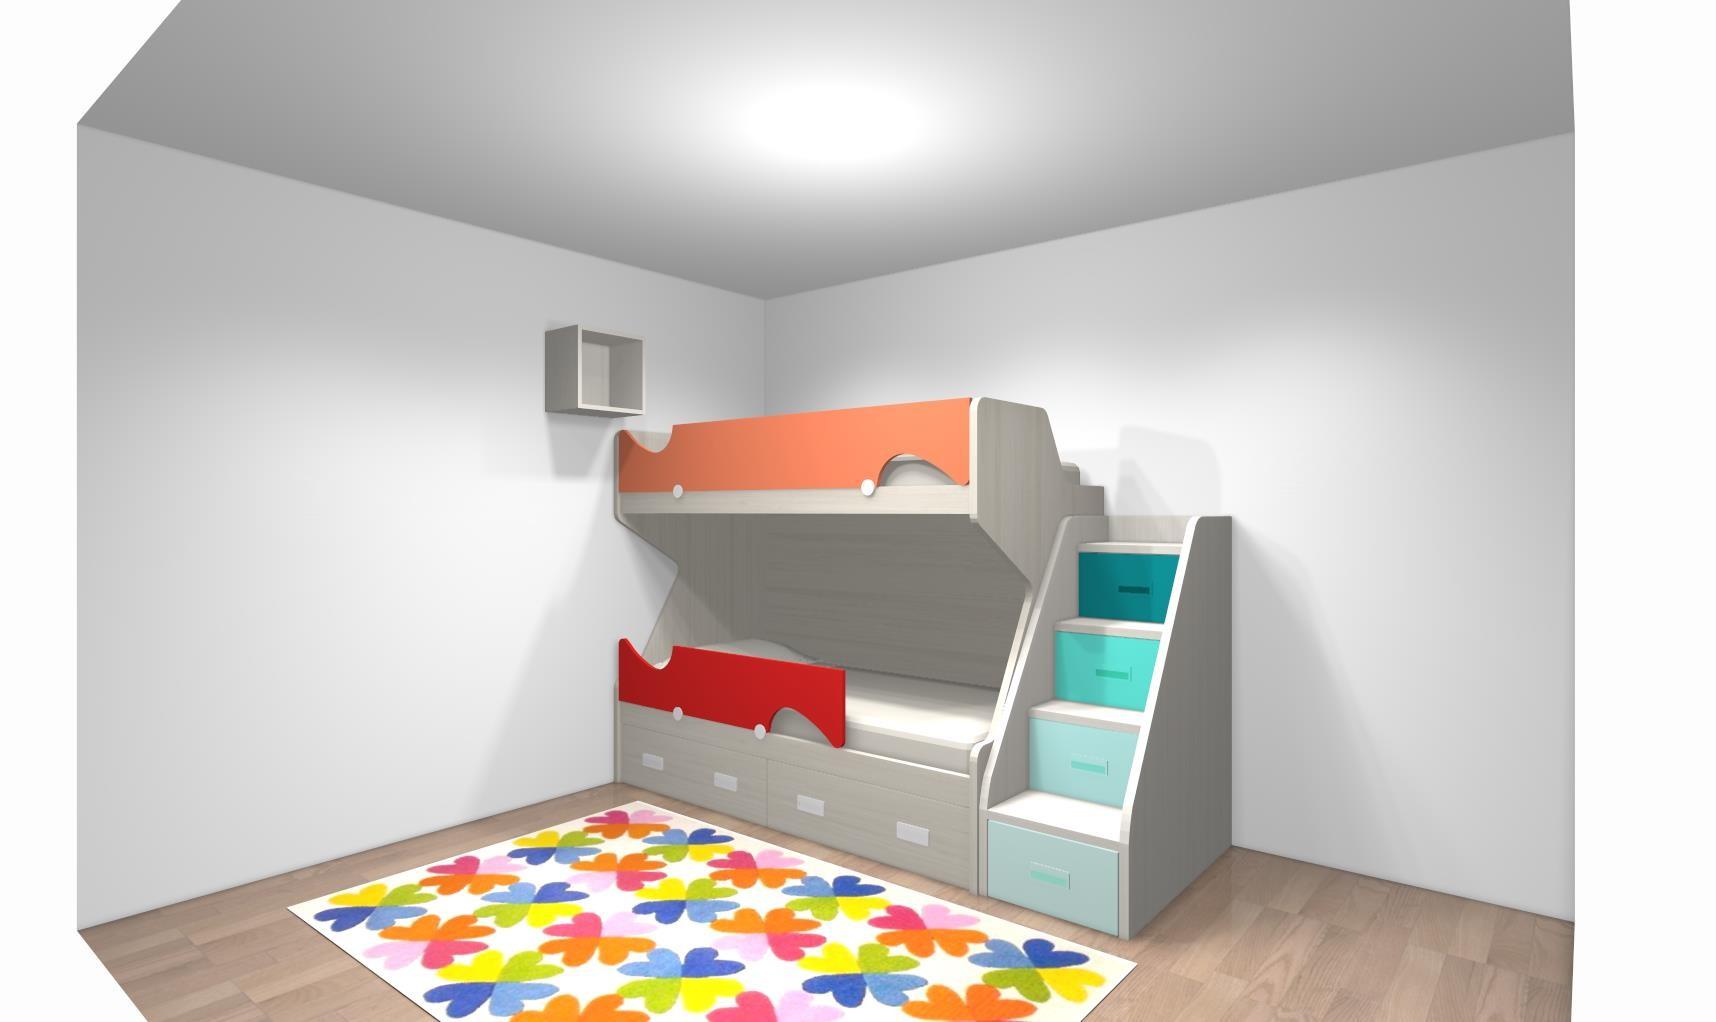 lit superpos enfant et escalier pour mme giuliani. Black Bedroom Furniture Sets. Home Design Ideas